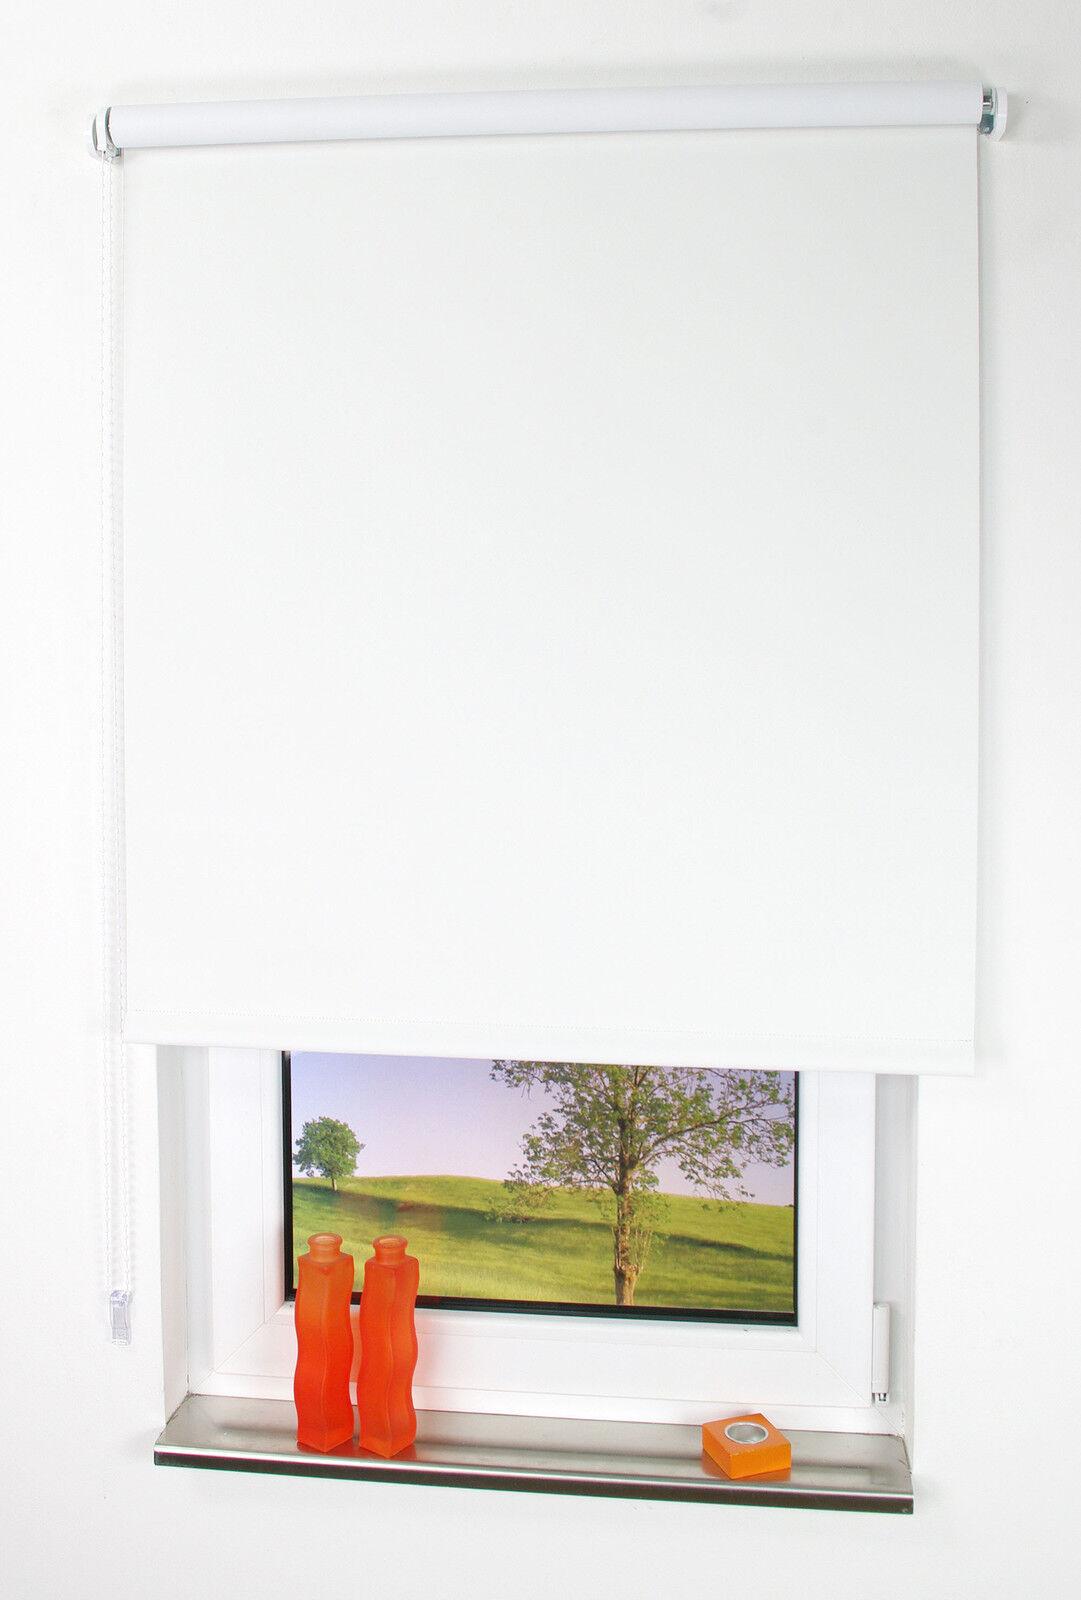 Maßanfertigung Spring- oder Seitenzugrollo verdunkelnd für  Fenster Fenster Fenster & Türen weiß | Die Königin Der Qualität  ff6e69